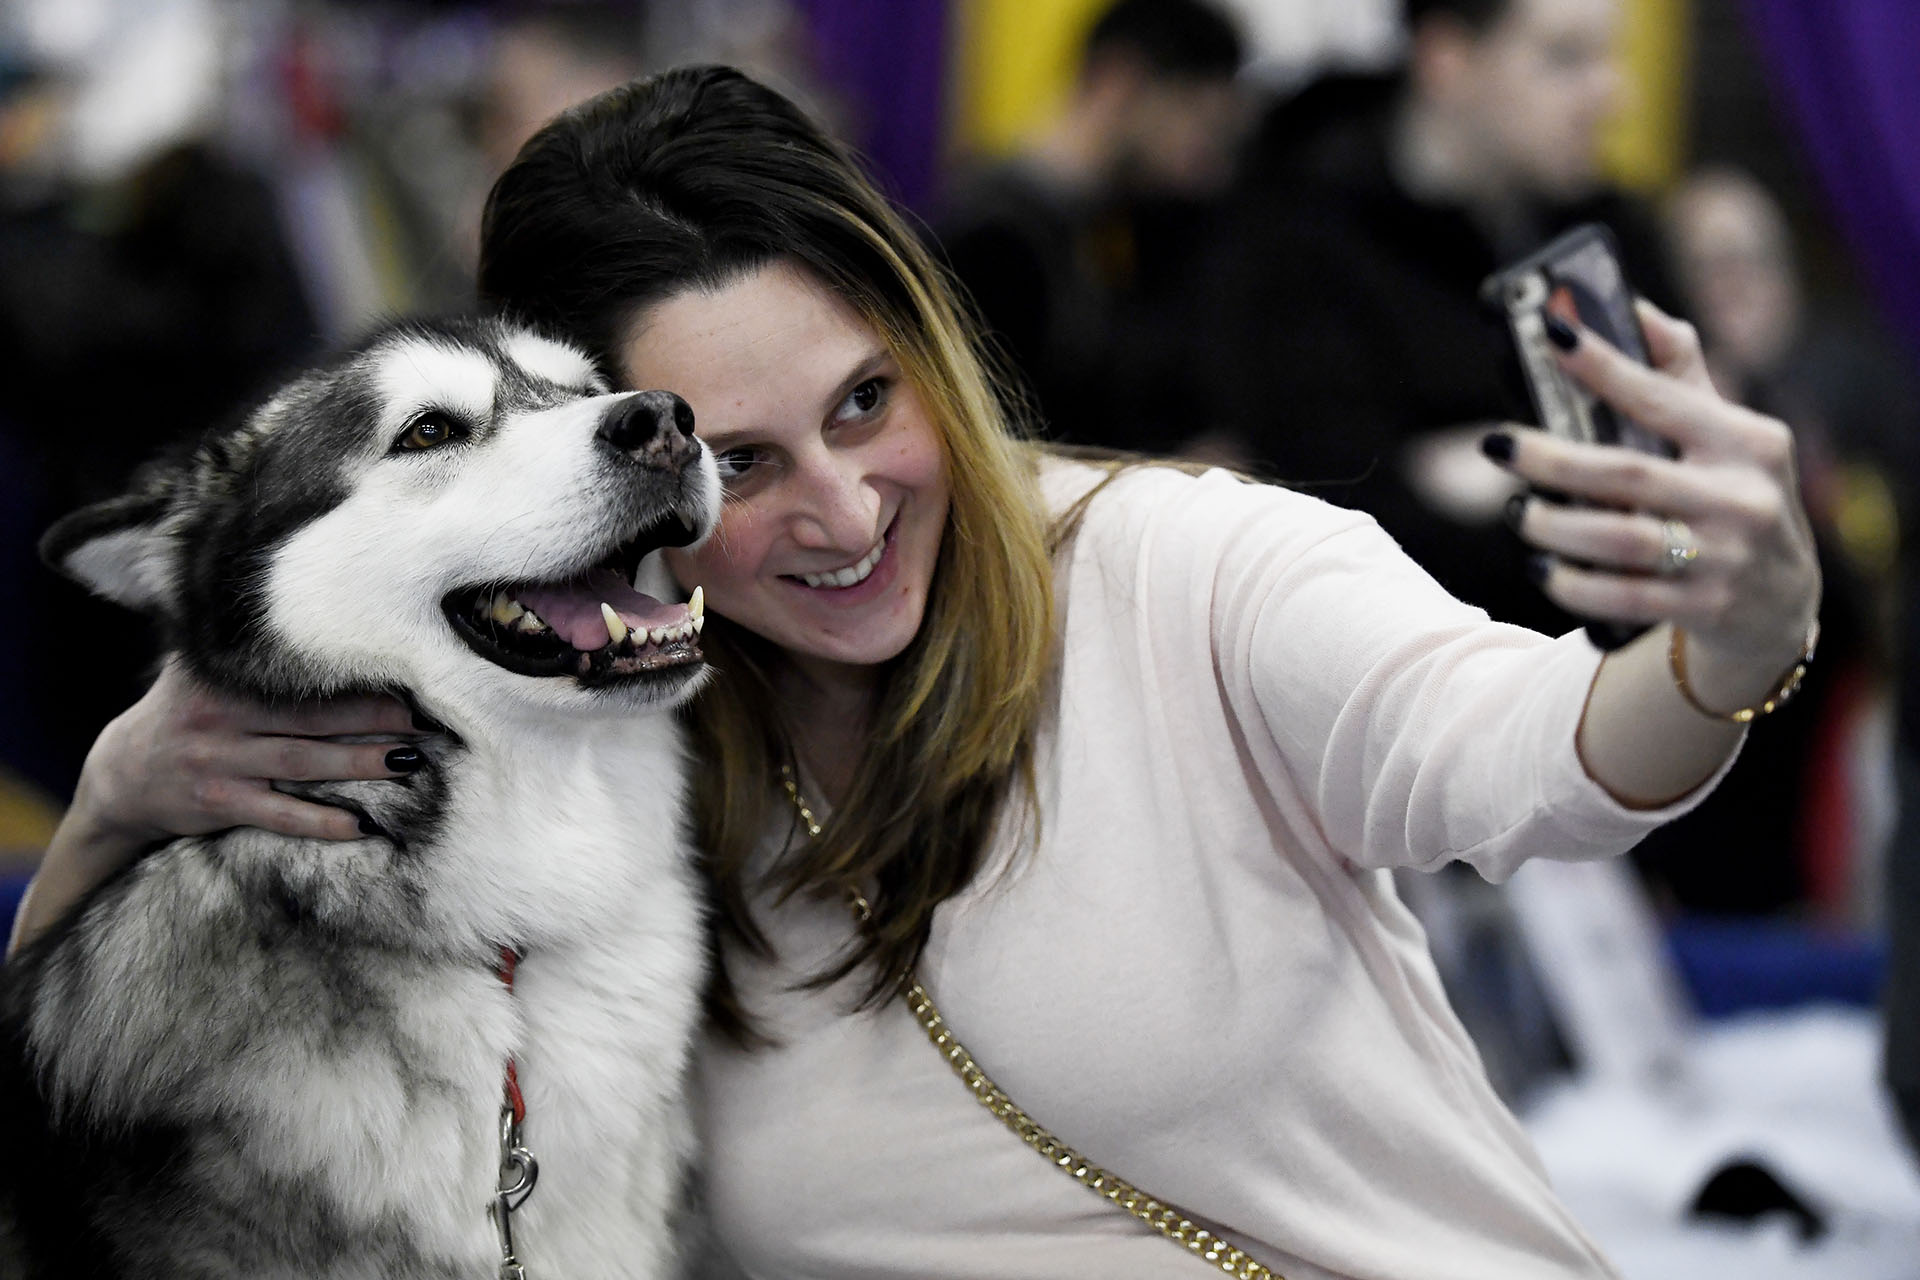 Las selfies abundaron en Nueva York. Un malamute de Alaska parece sonreír para la foto